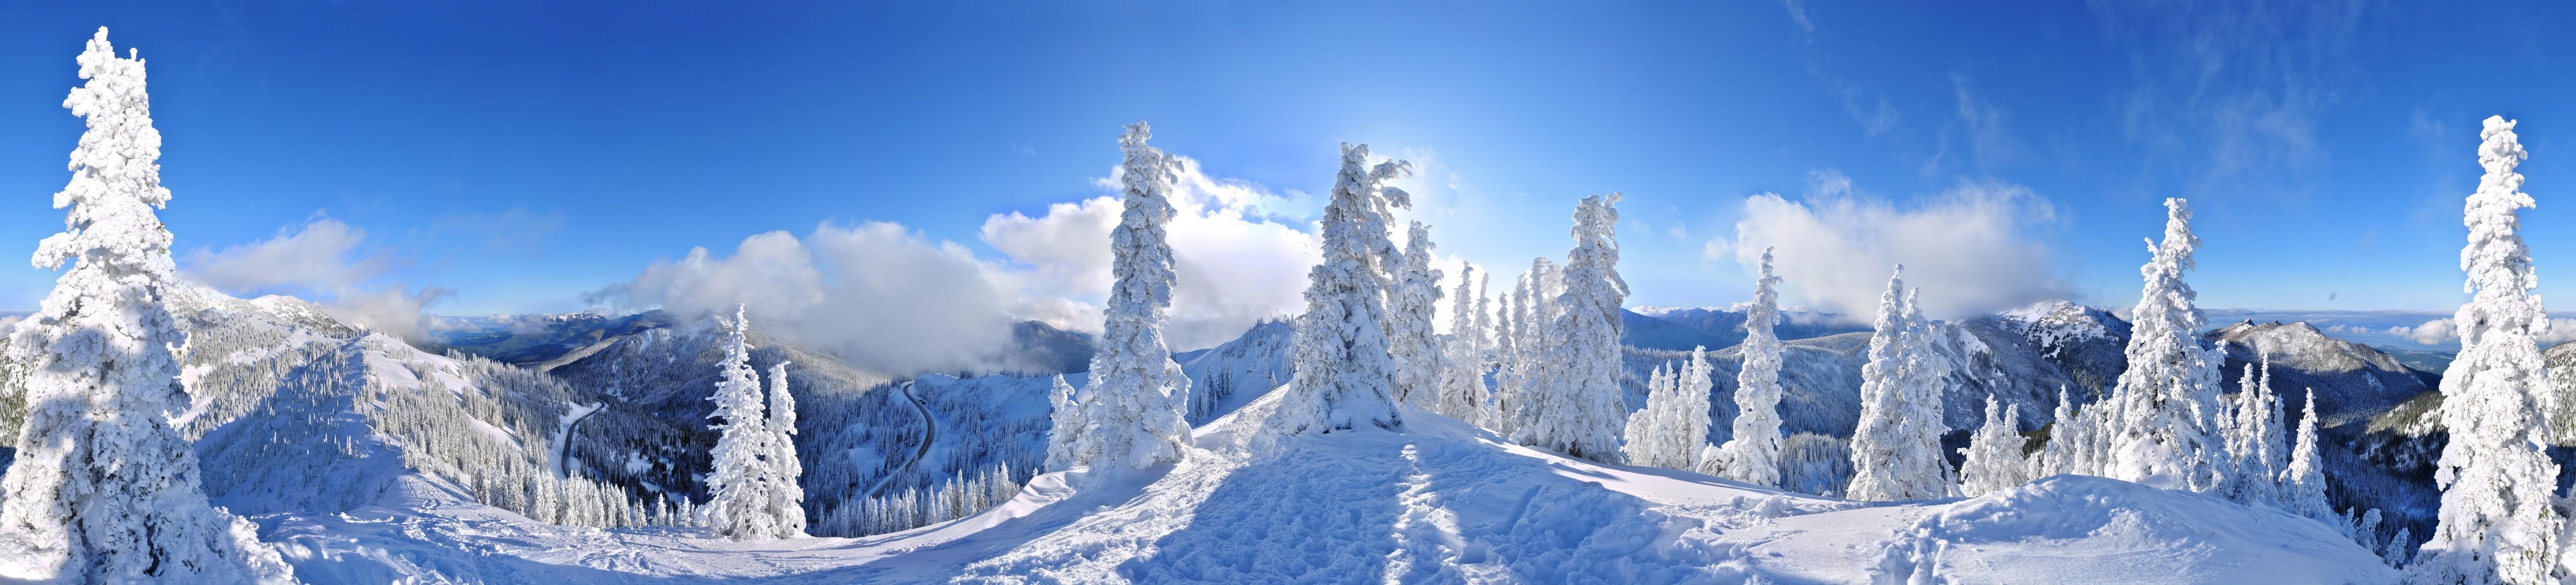 Рождественские праздники в горах